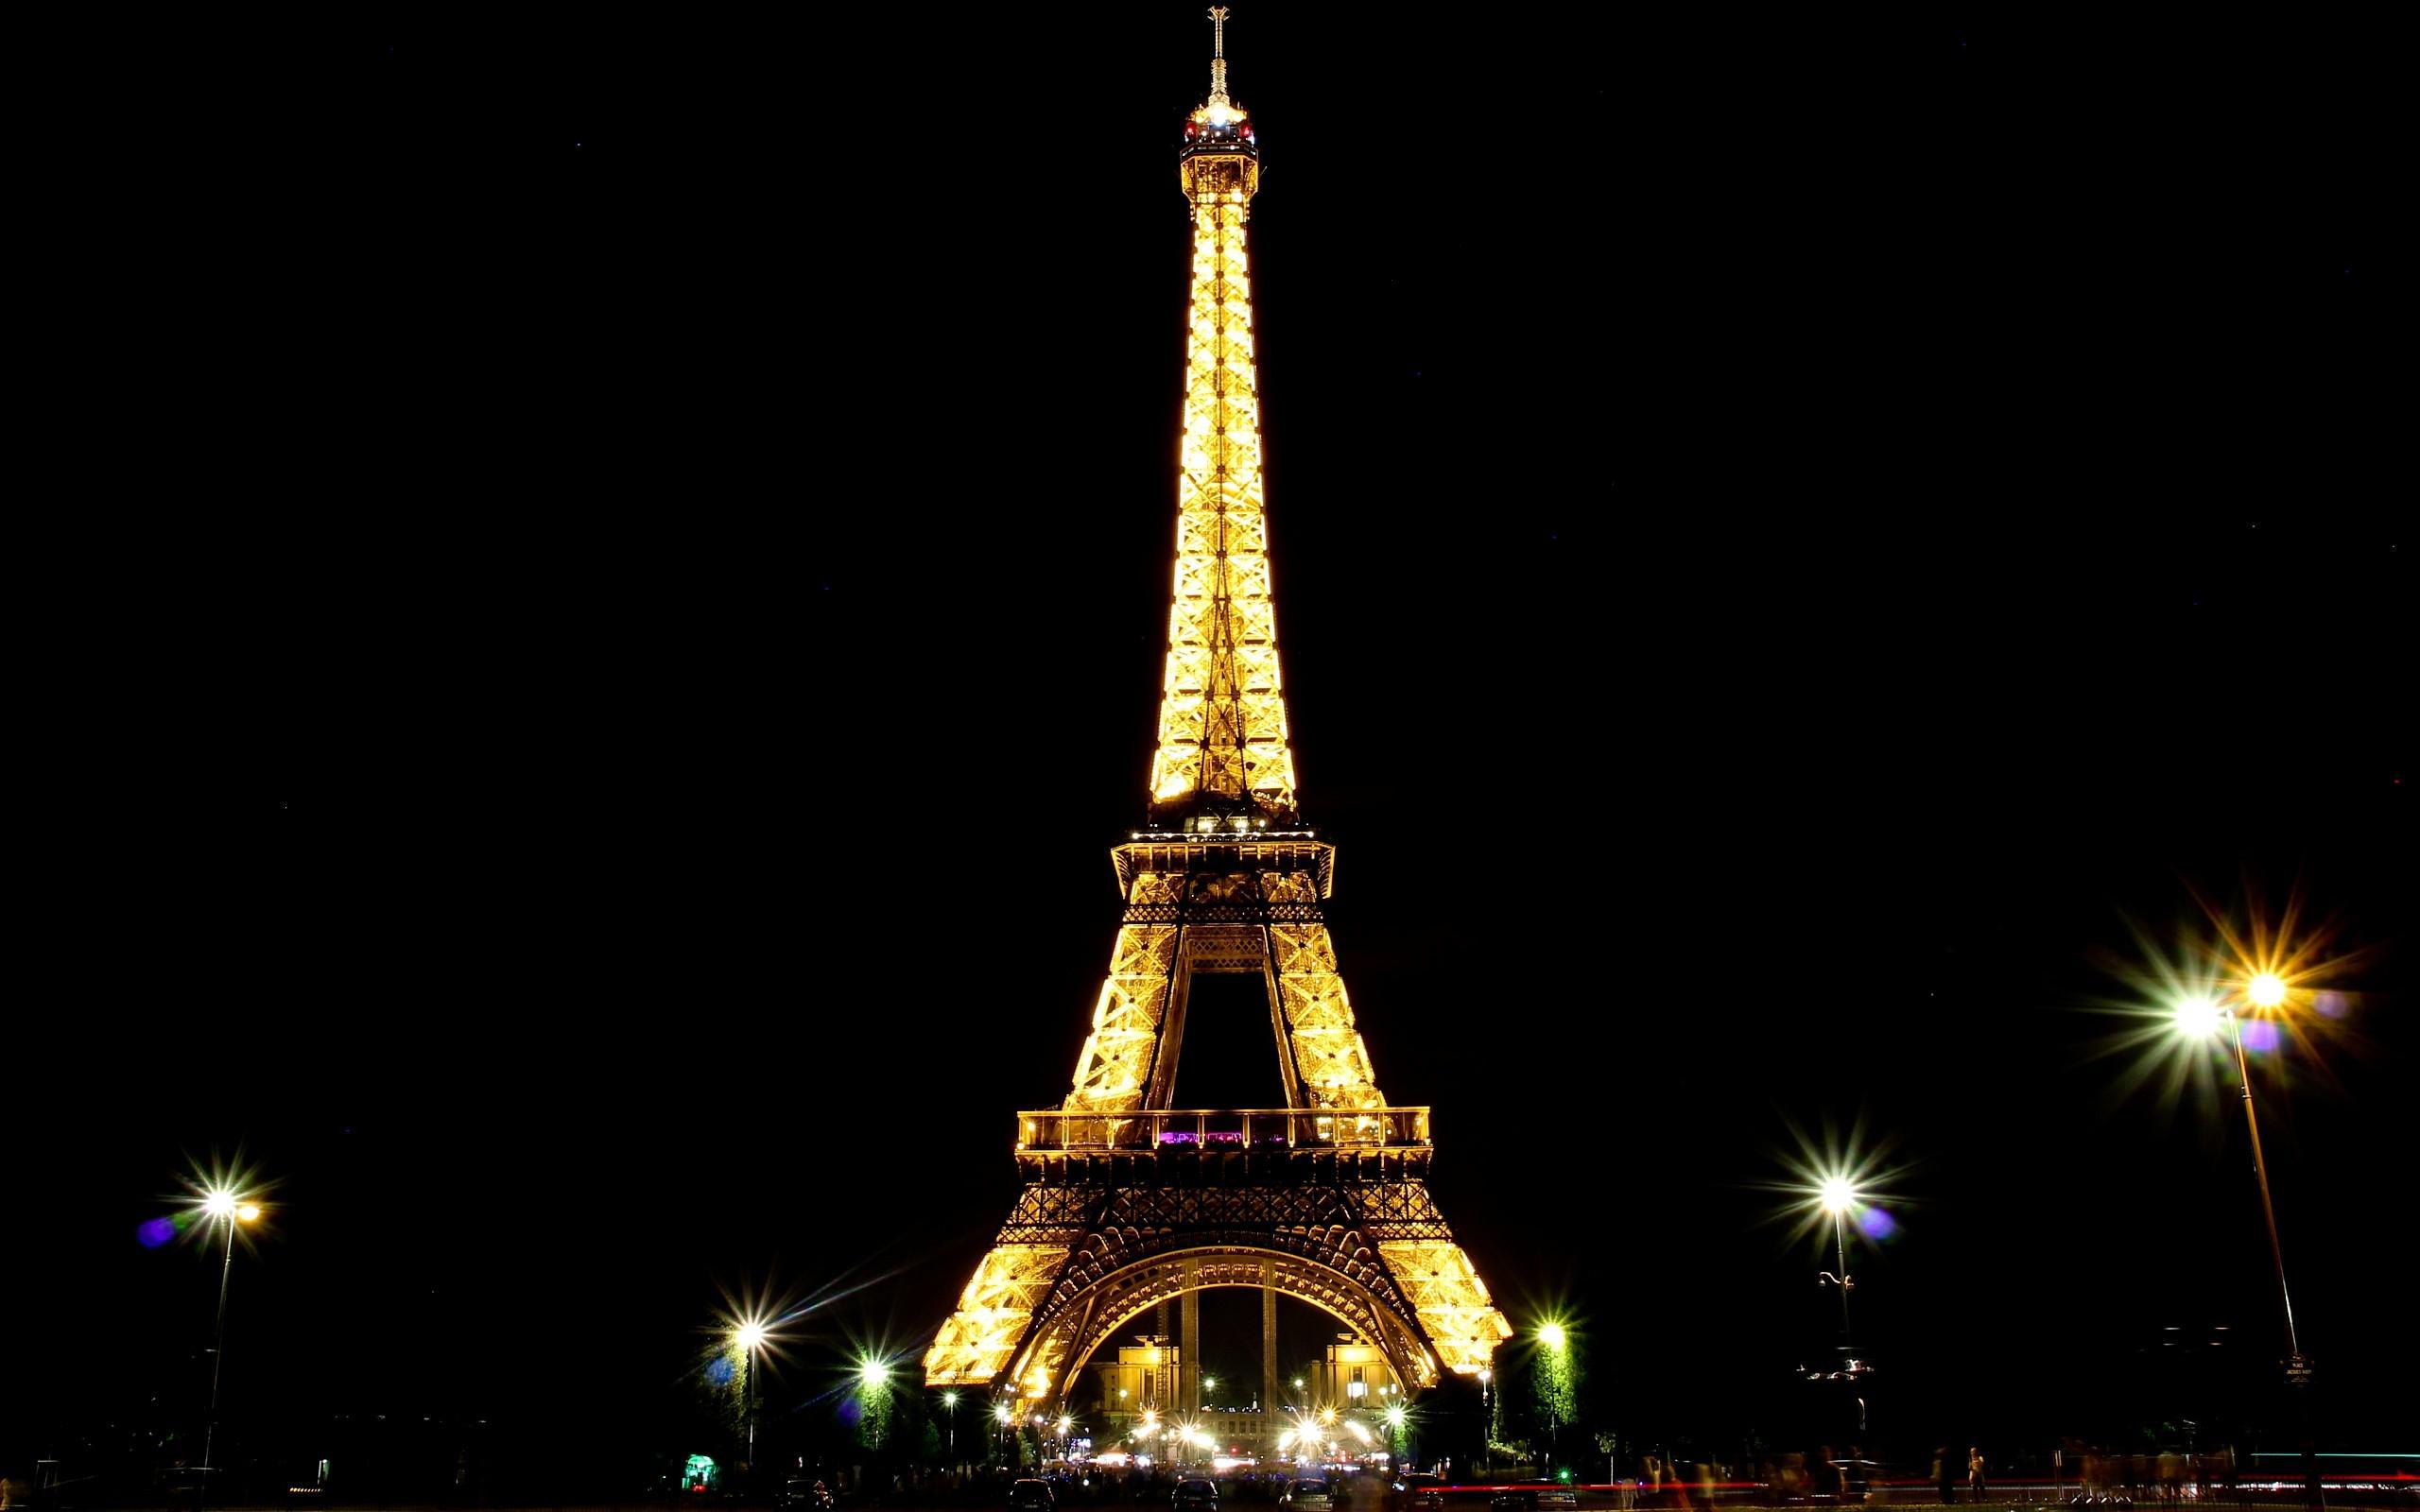 Cute Eiffel Tower Wallpaper: Cute Paris Eiffel Tower Wallpaper (46 Wallpapers